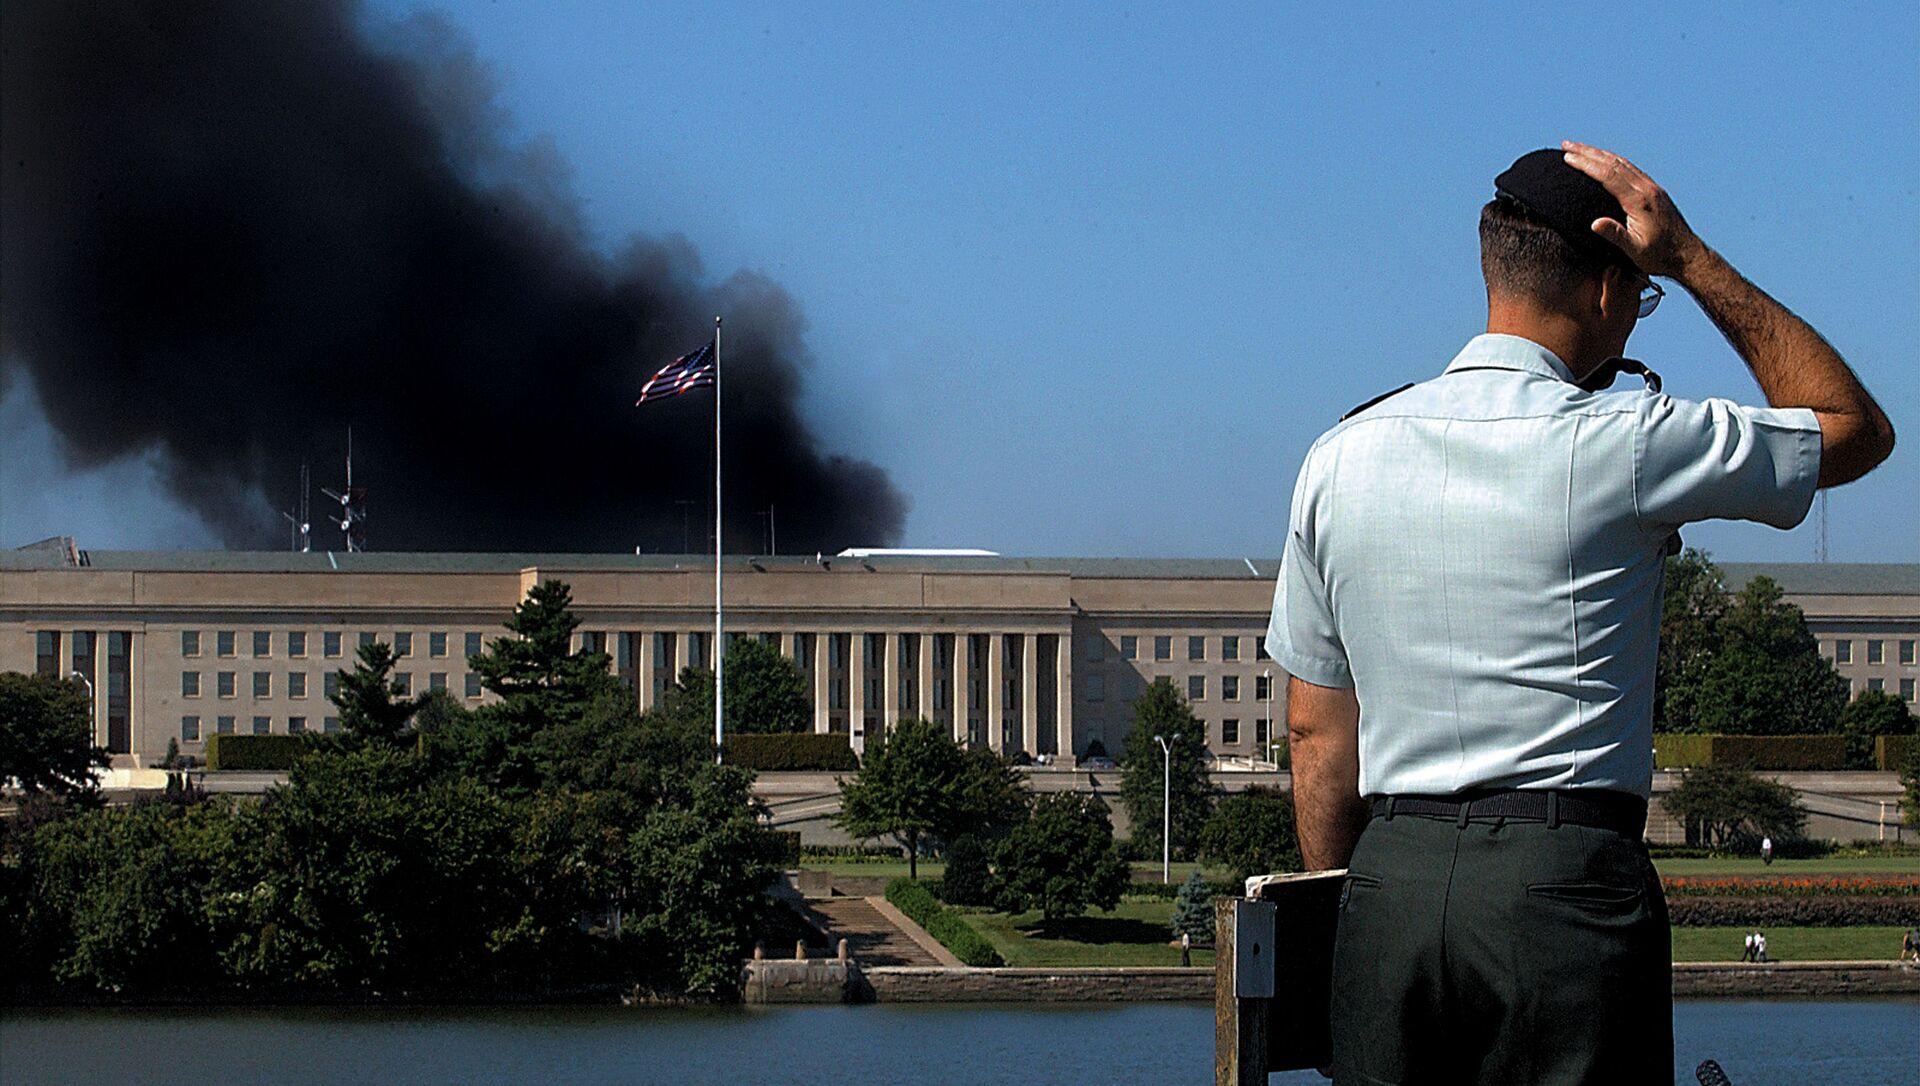 Сотрудник у здания Пентагона после теракта 11 сентября, США - Sputnik Армения, 1920, 10.09.2021